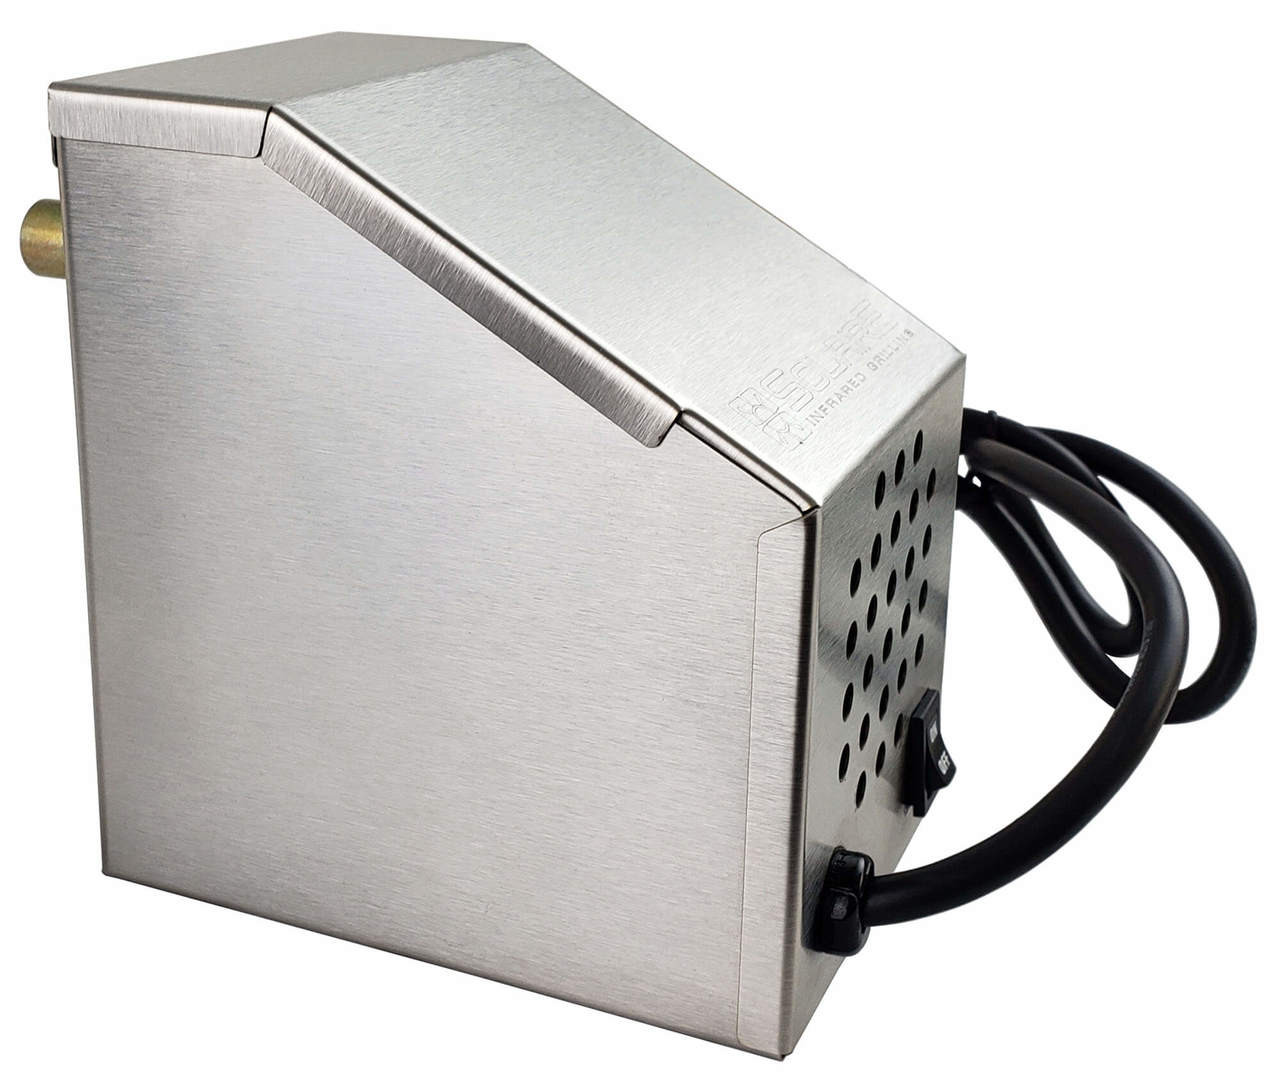 Solaire Rotisserie Motor, Item #SOL-6006R